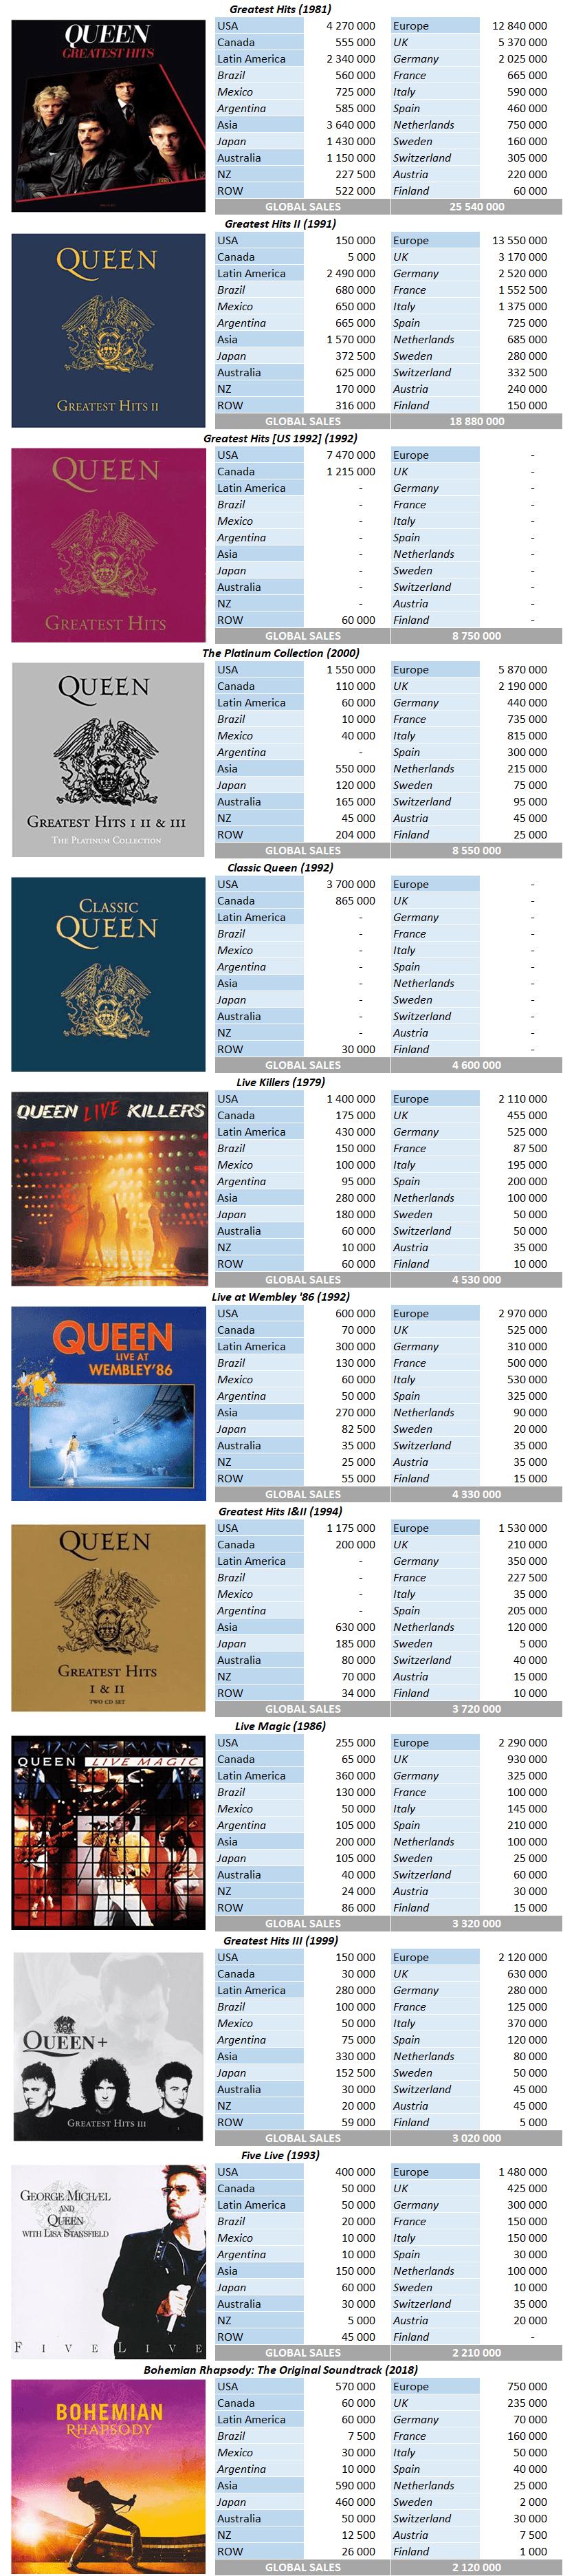 CSPC Queen compilation sales breakdowns